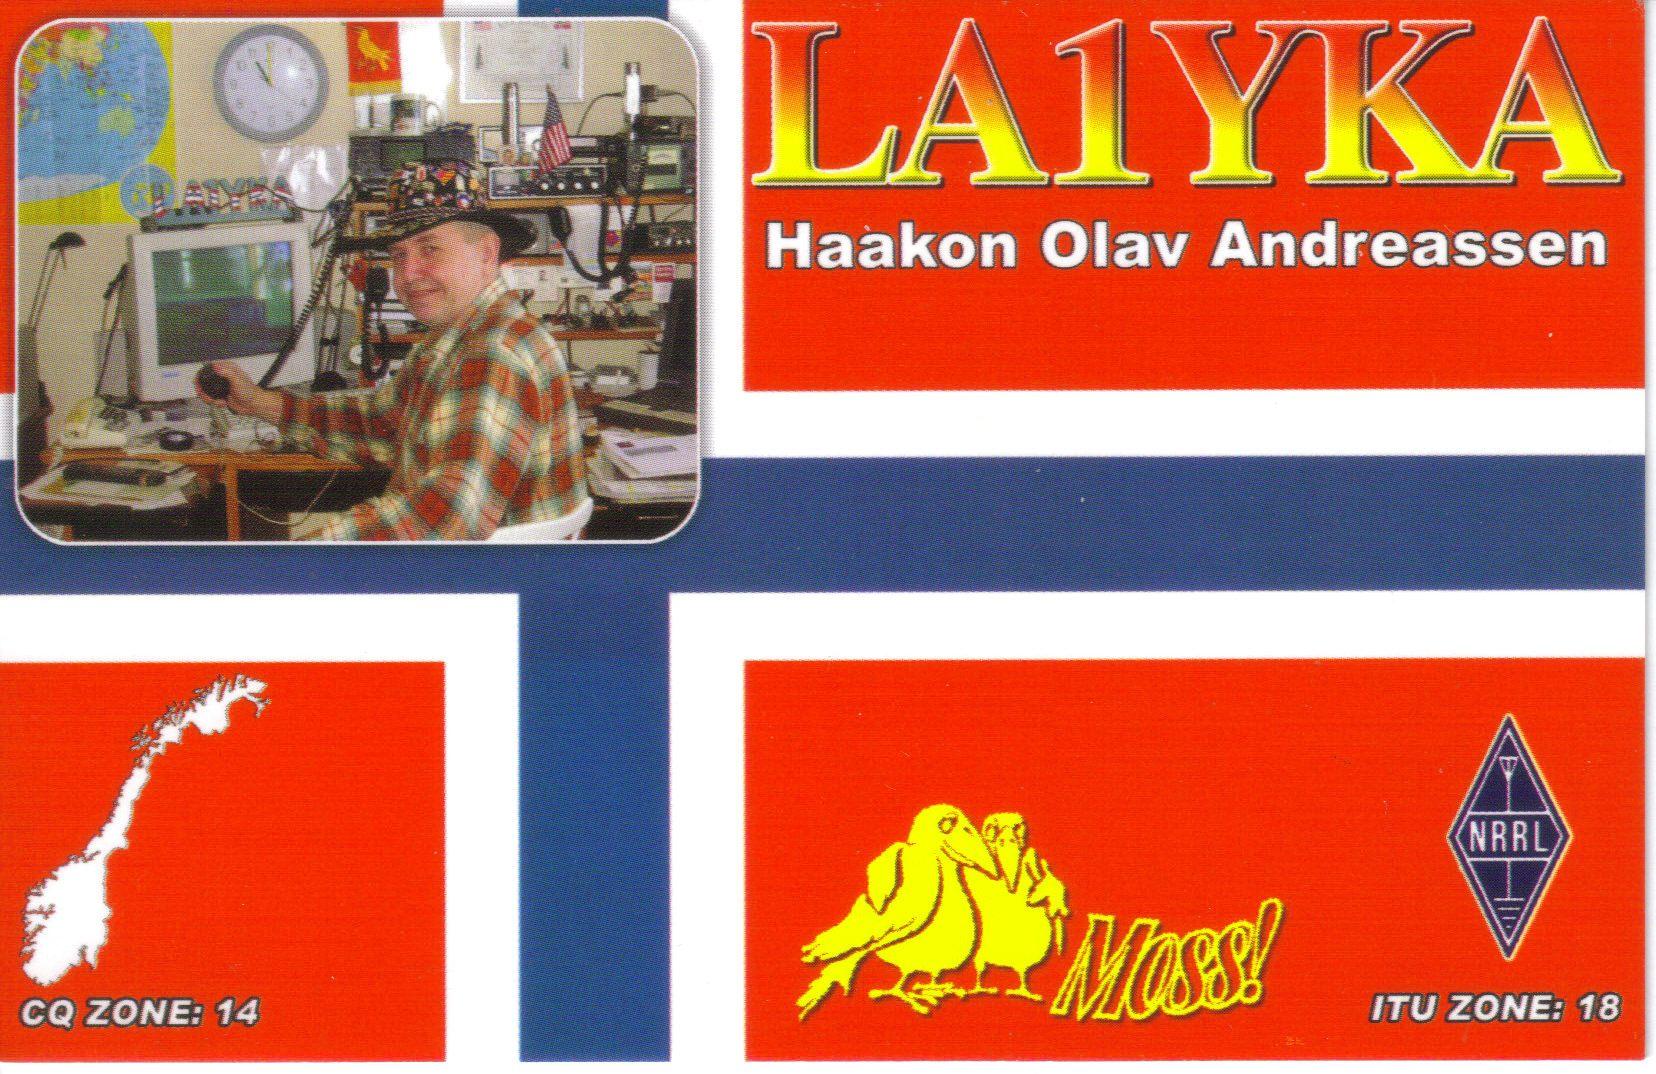 20110112-LA1YKA